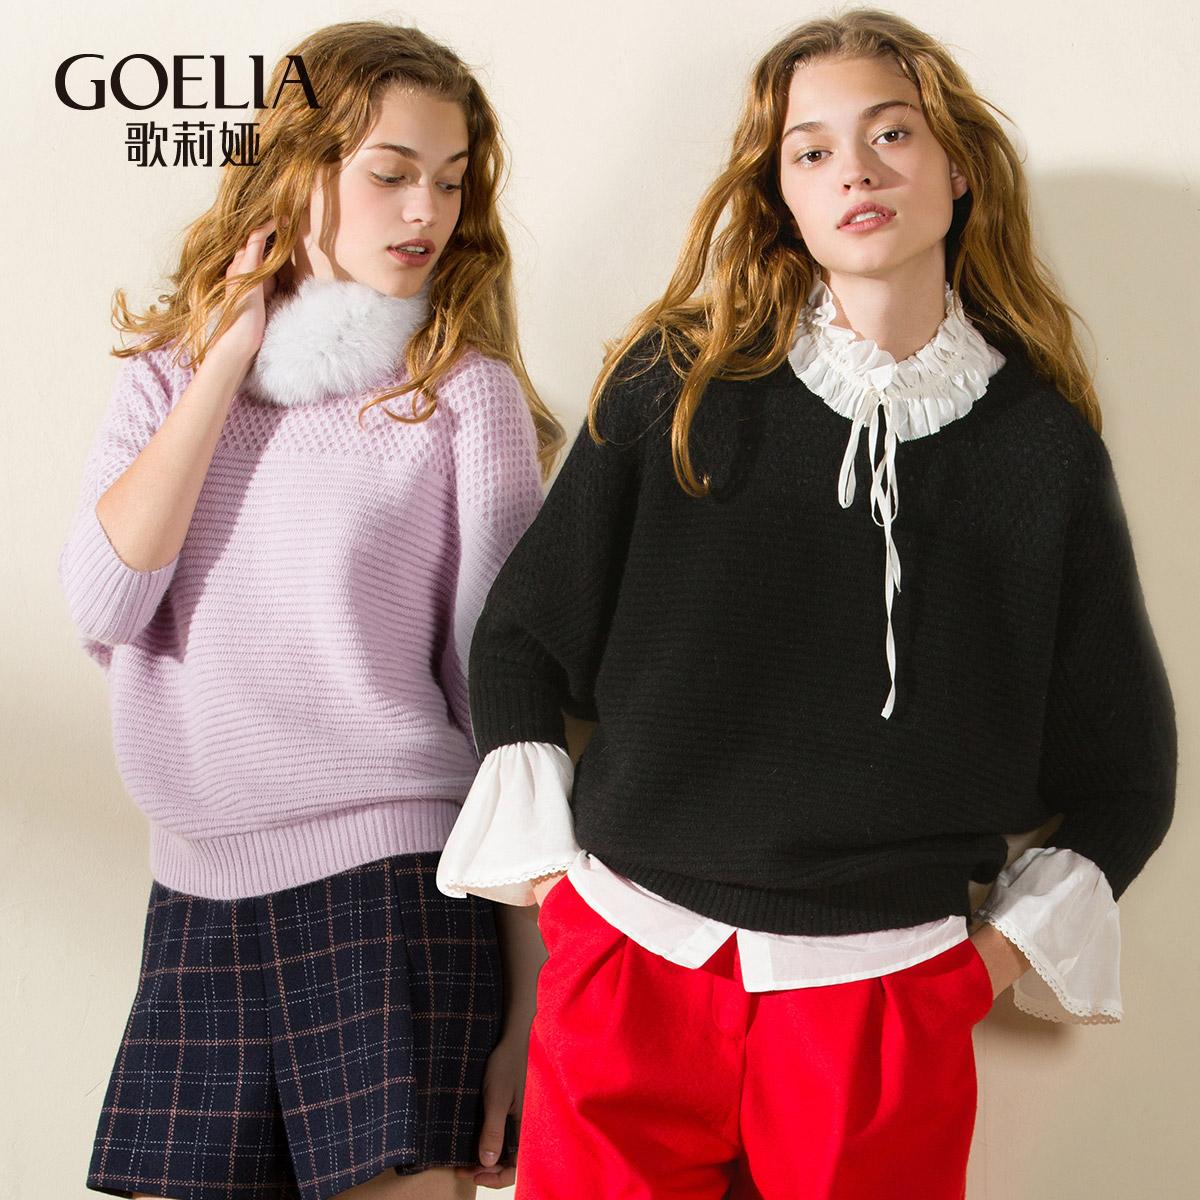 歌莉娅女装 歌莉娅女装 甜美蝙蝠袖针织圆领套头毛衣女16CE5J160_推荐淘宝好看的歌莉娅